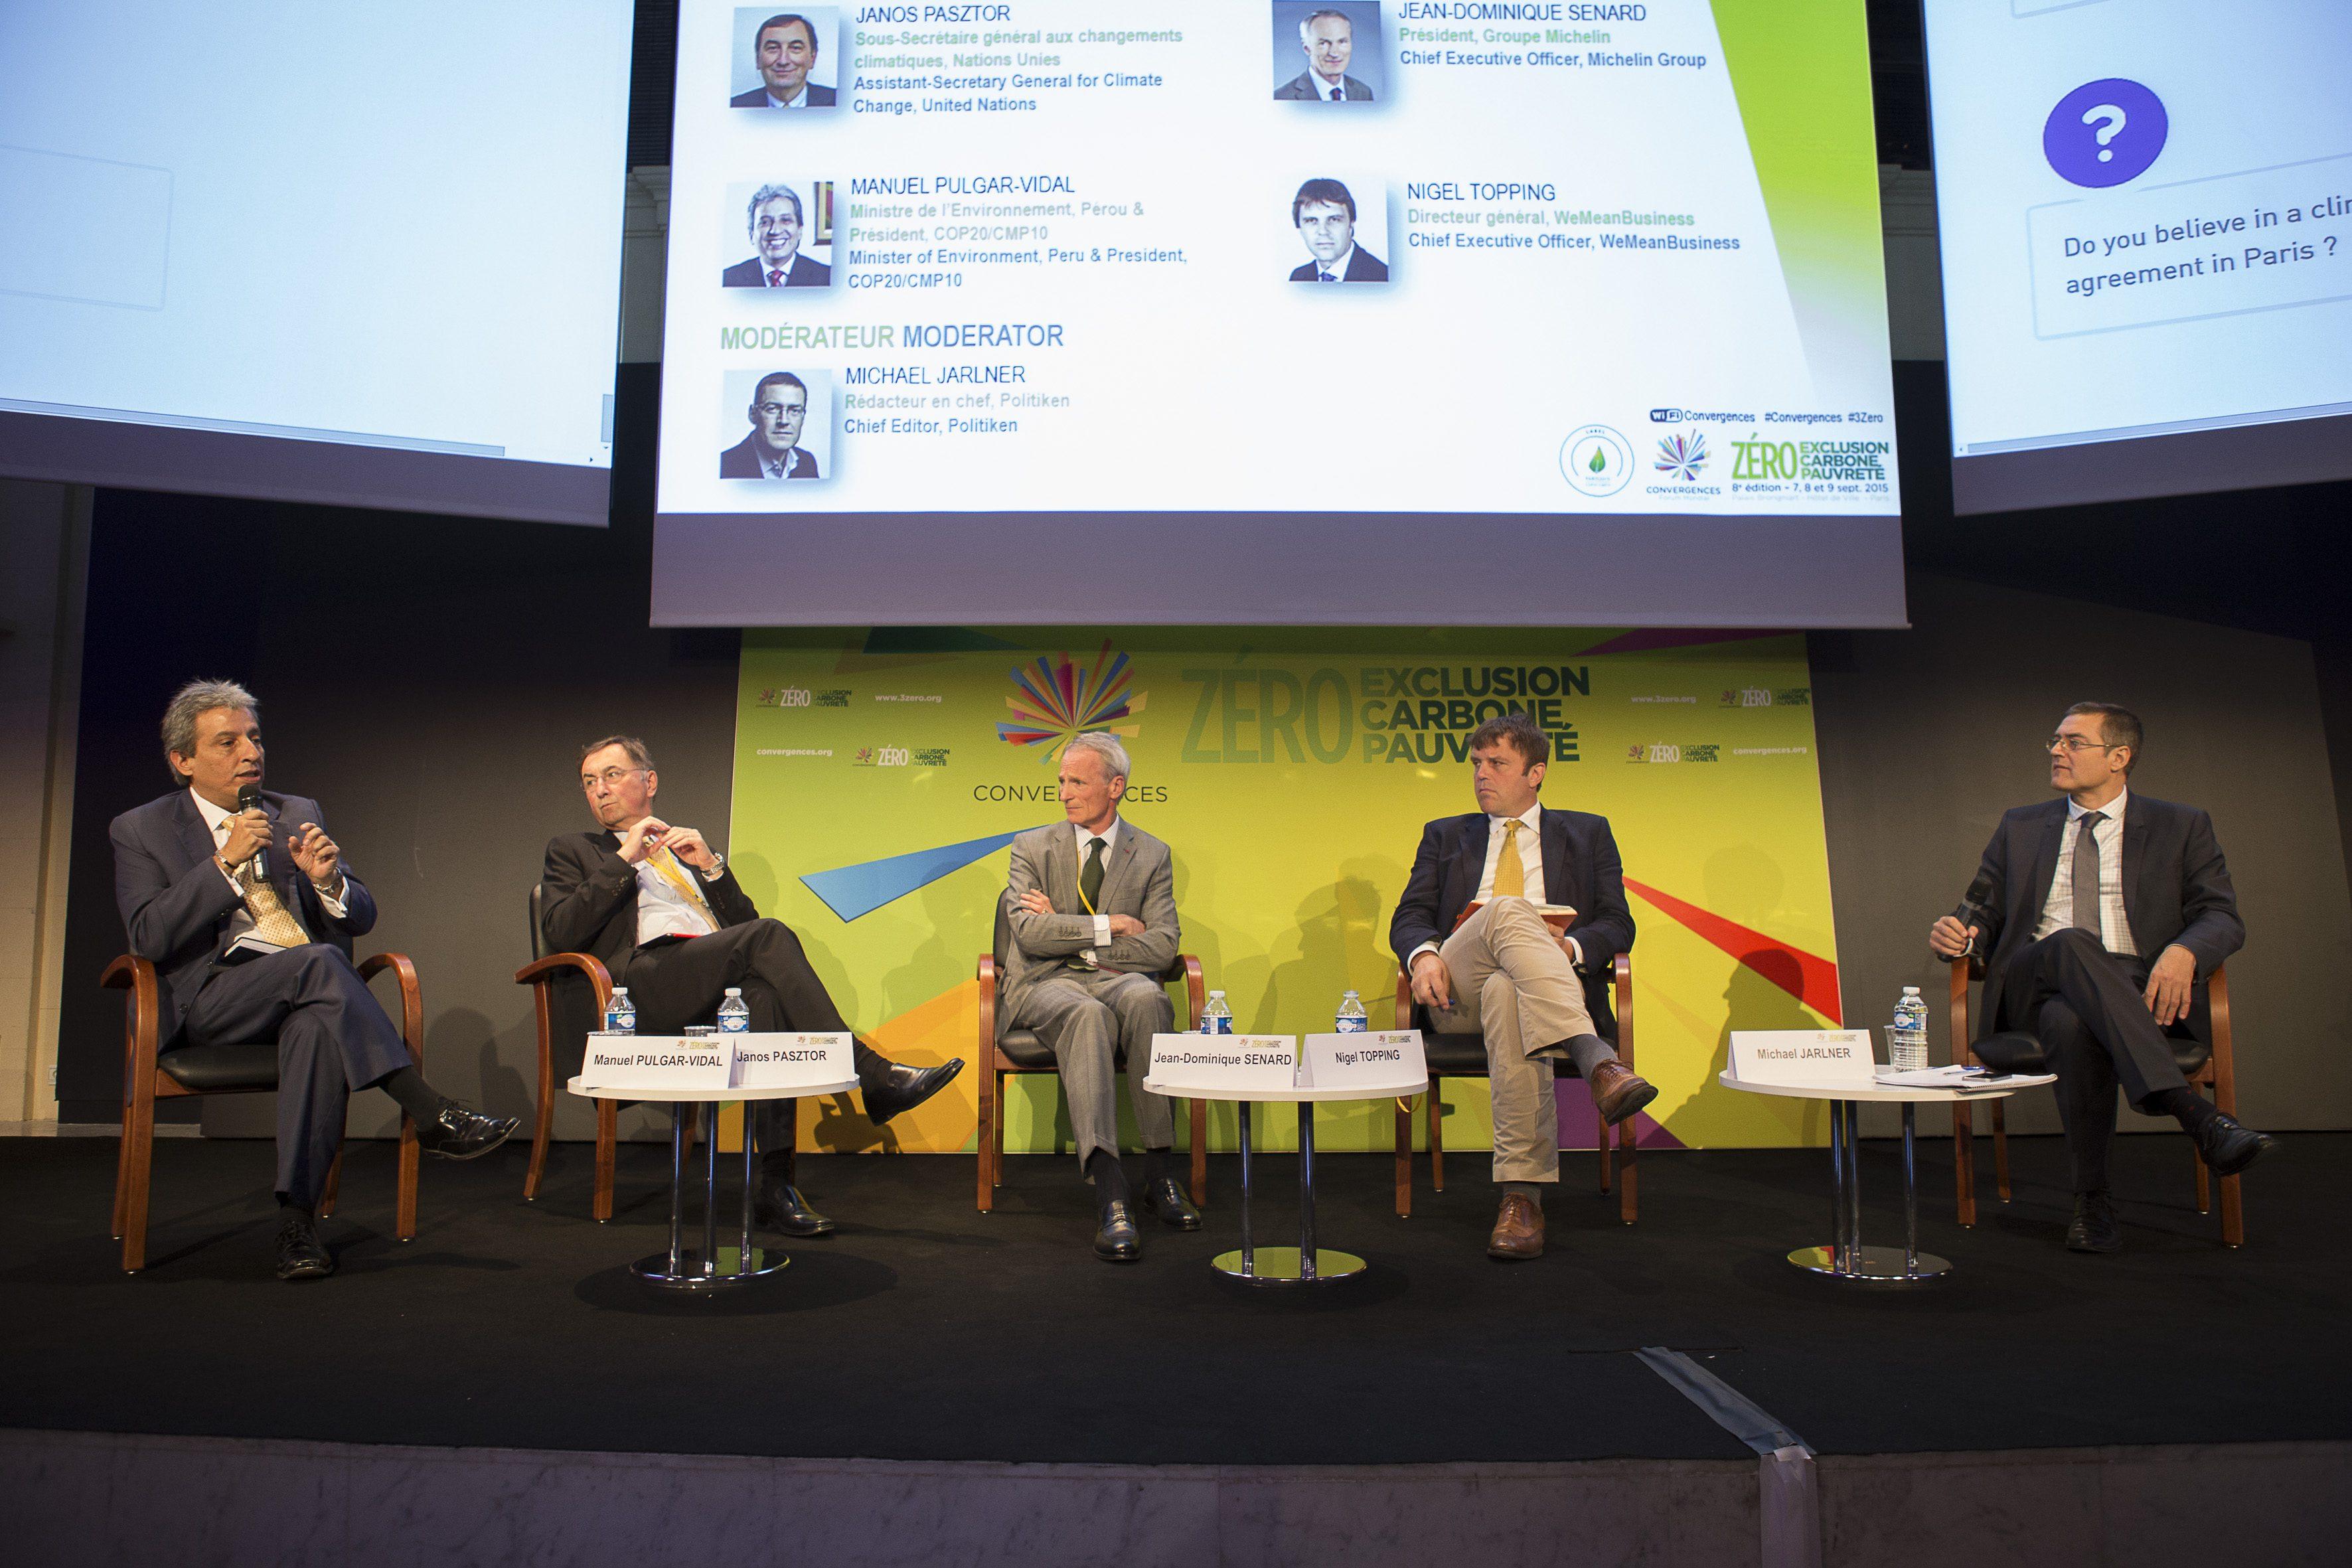 L'Agenda des solutions : des alliances pour le climat